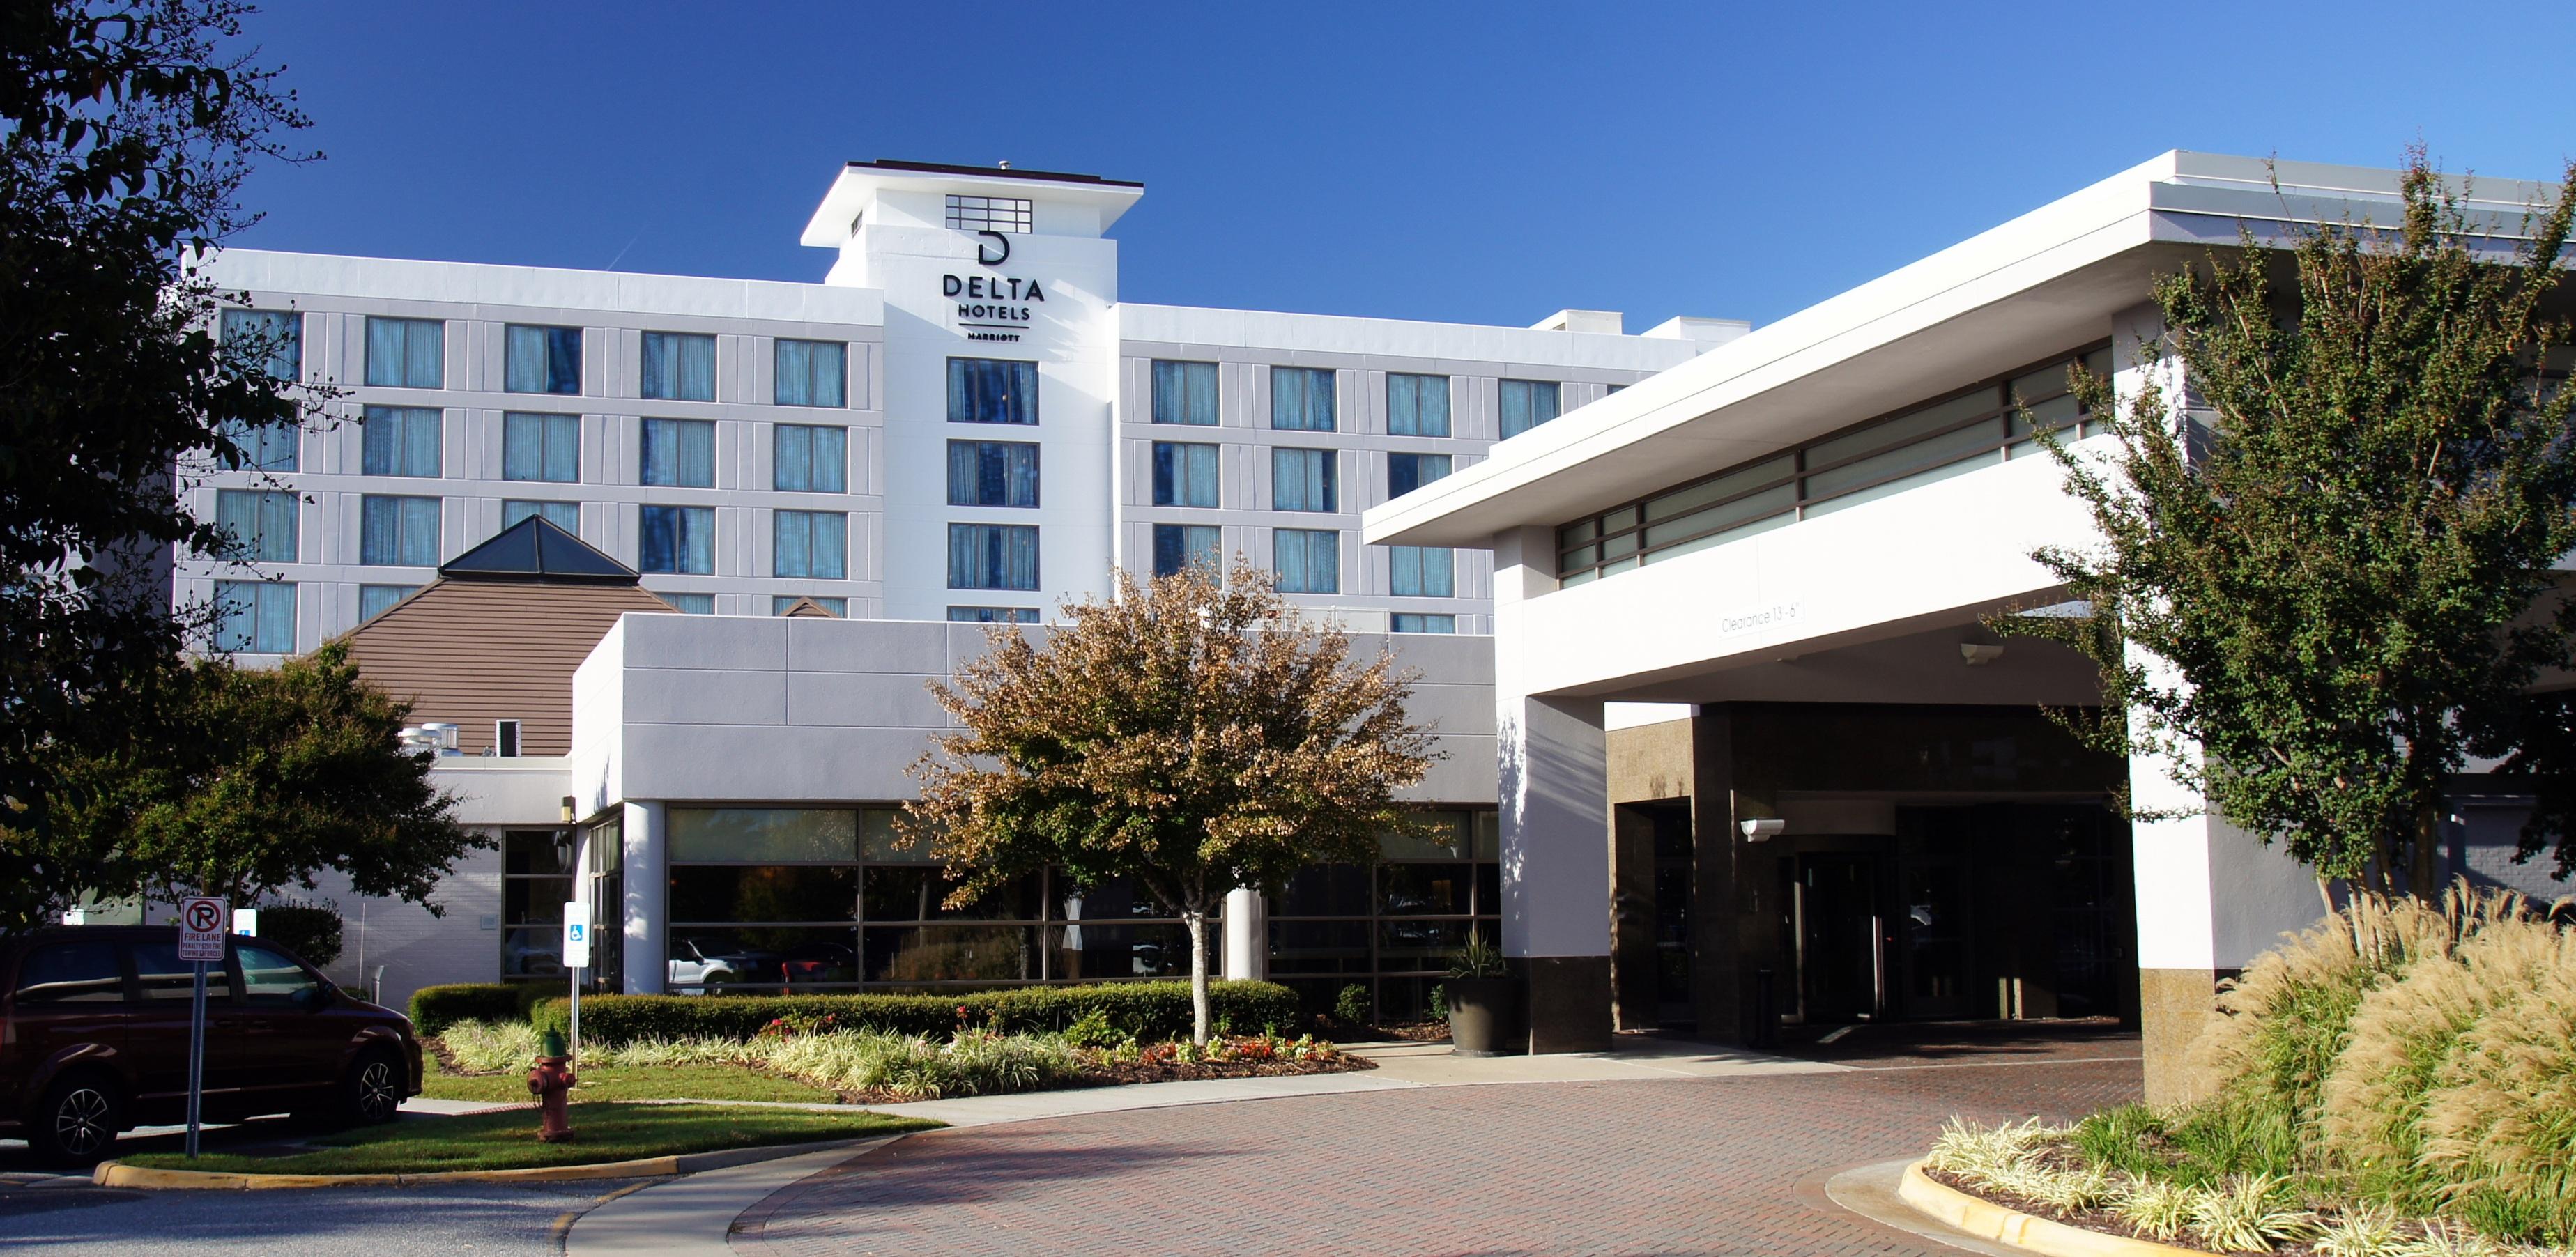 Delta Hotels By Marriott Chesapeake Chesapeake Virginia